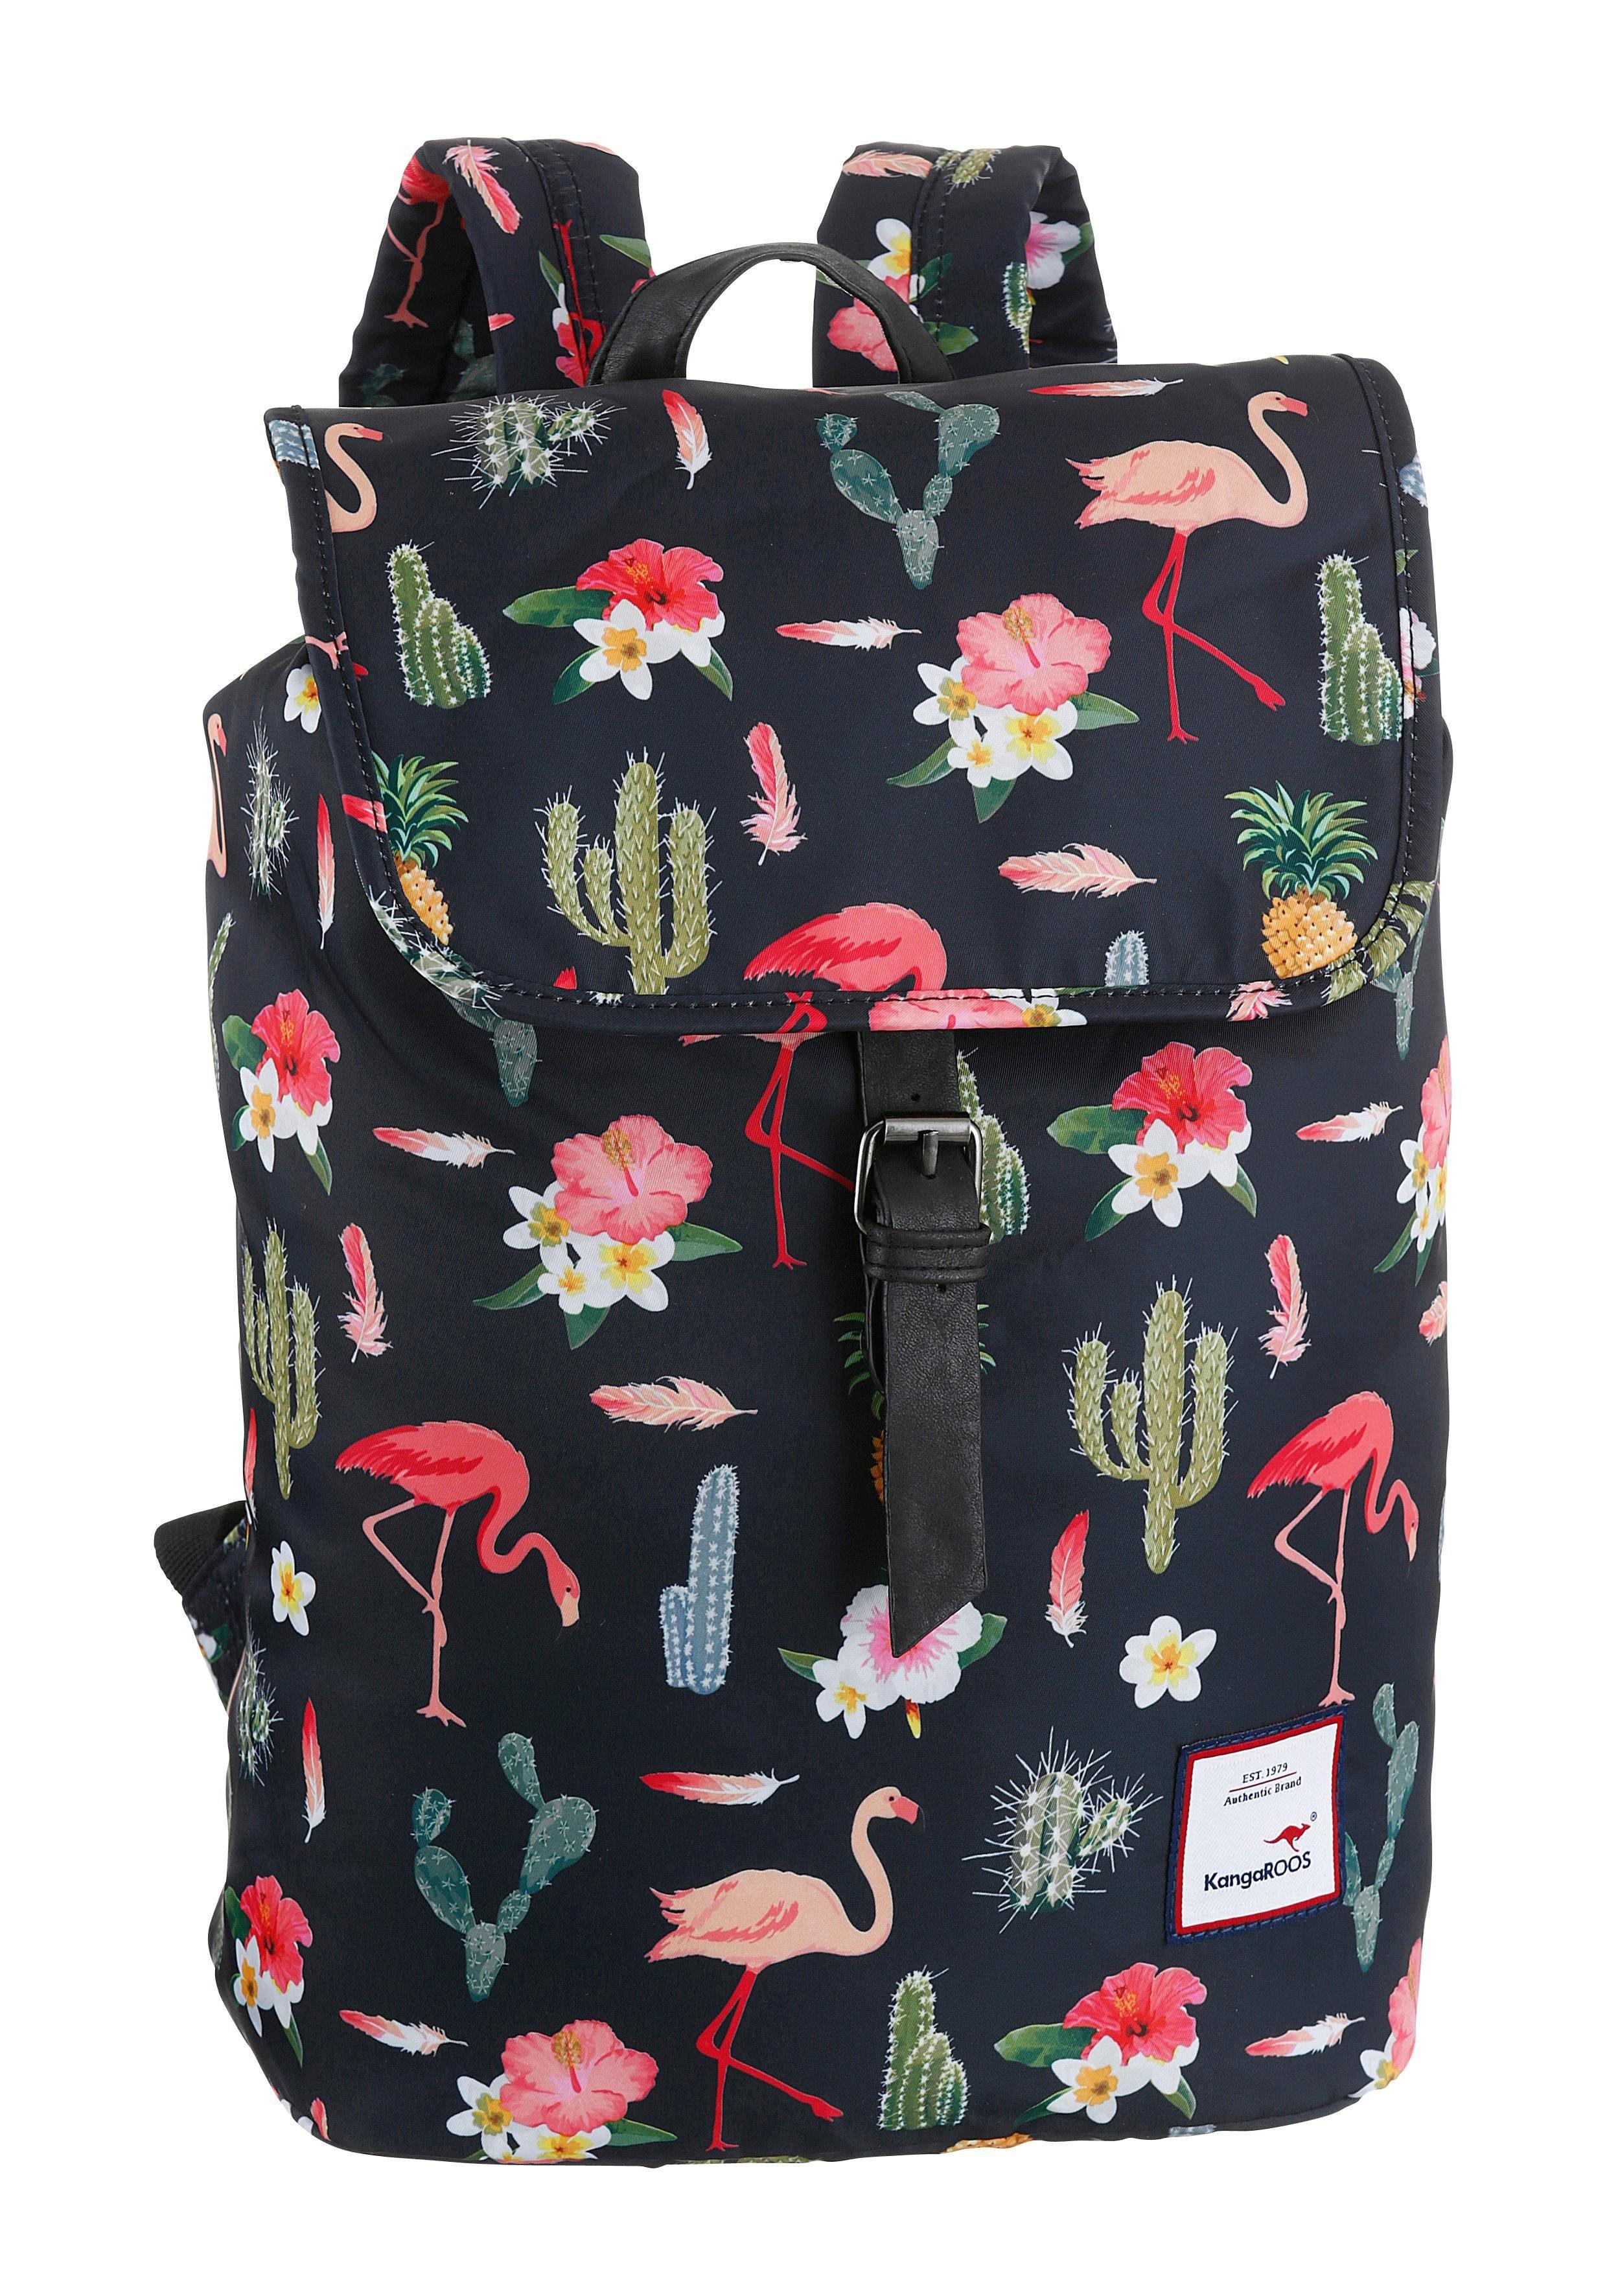 KangaROOS Cityrucksack, mit praktischem Reißverschluss-Rückfach und Flamingo Druck